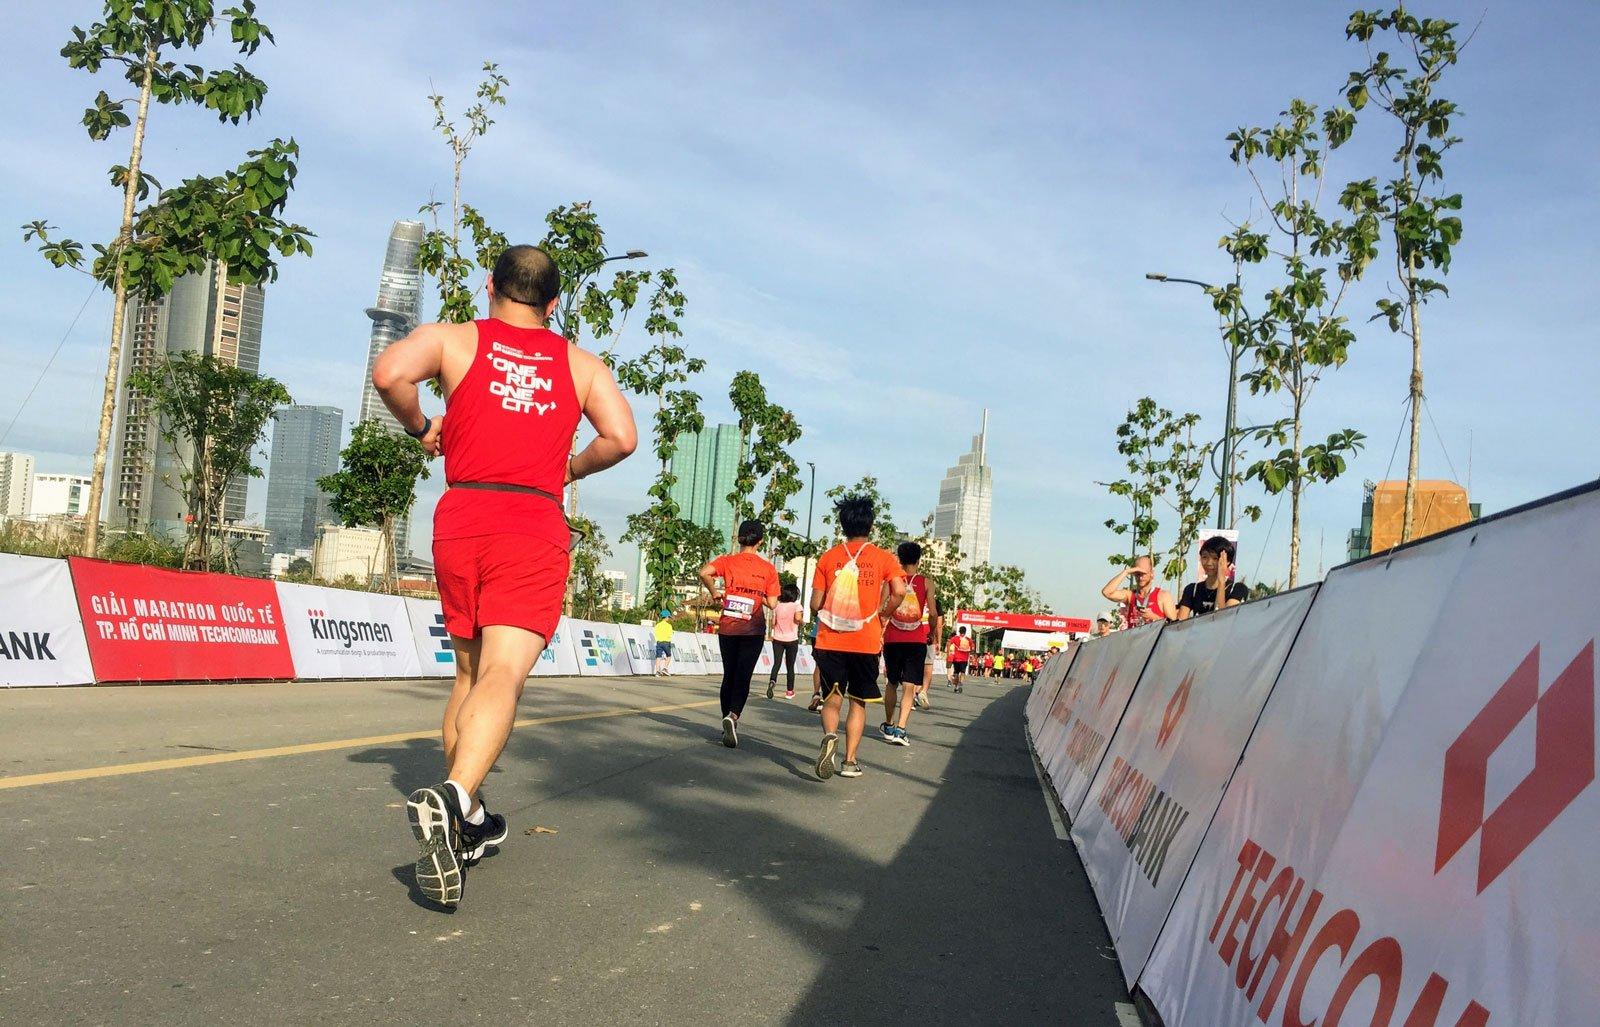 Kí sự HCMC International Marathon 2017 – Cắm đầu mà chạy!